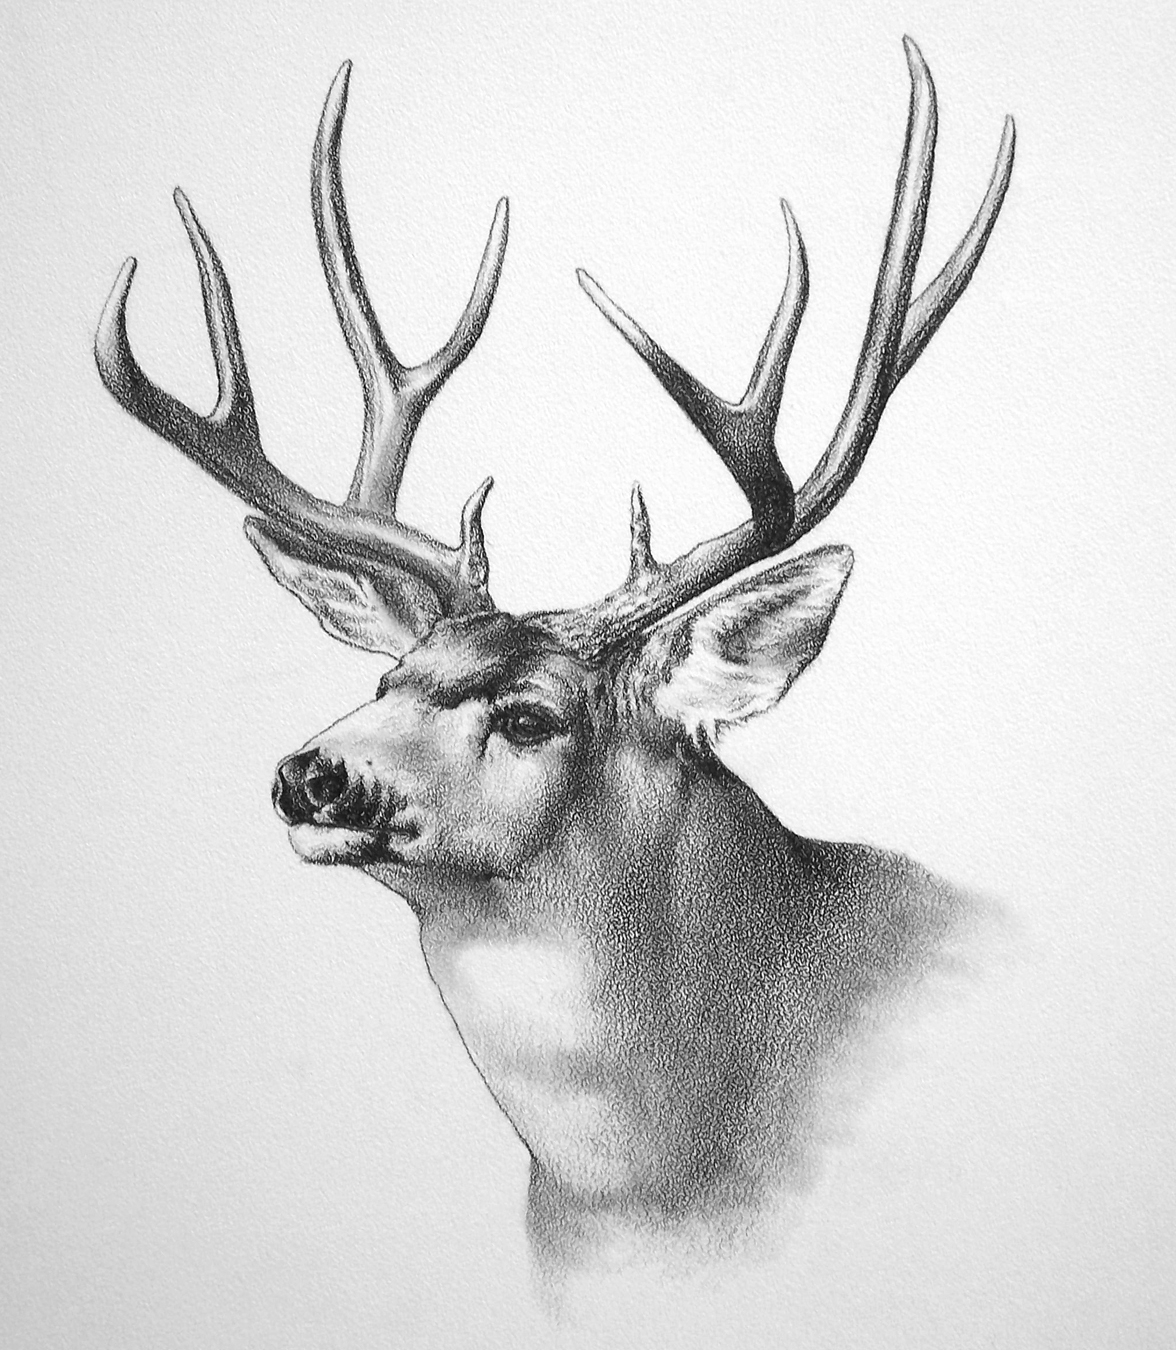 deer drawings - photo #5